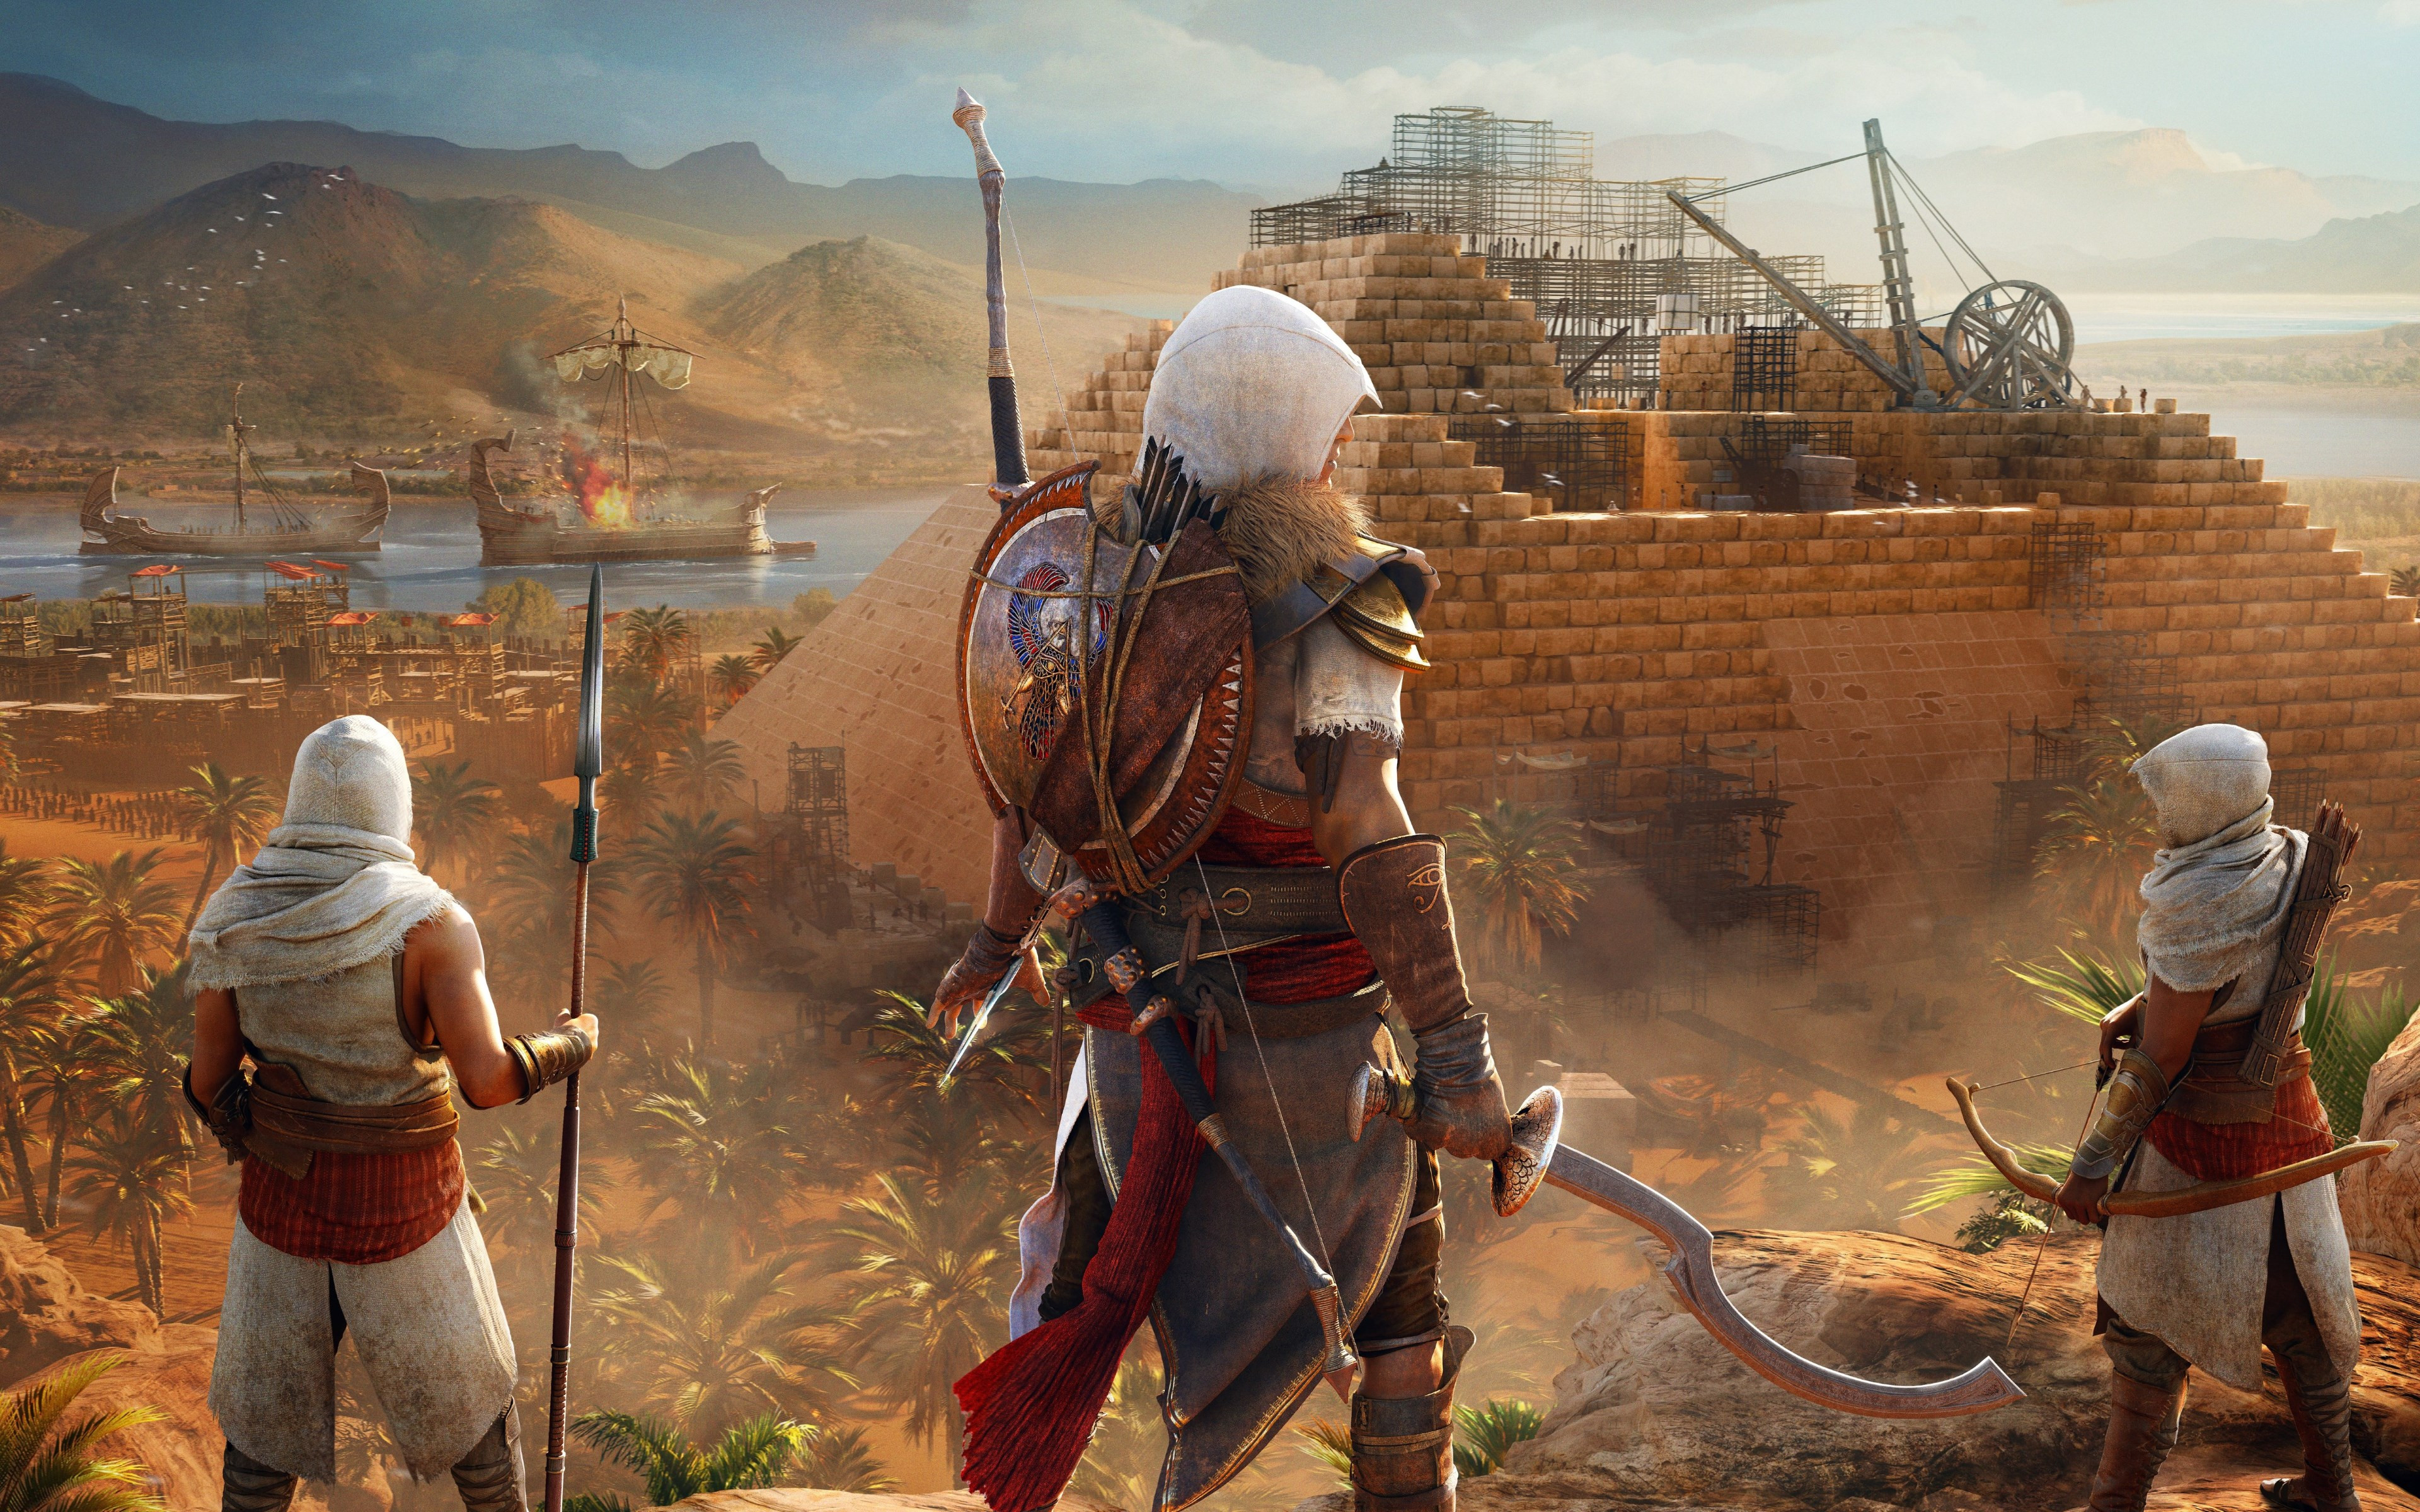 Download Wallpaper Assassin S Creed Origins The Hidden Ones